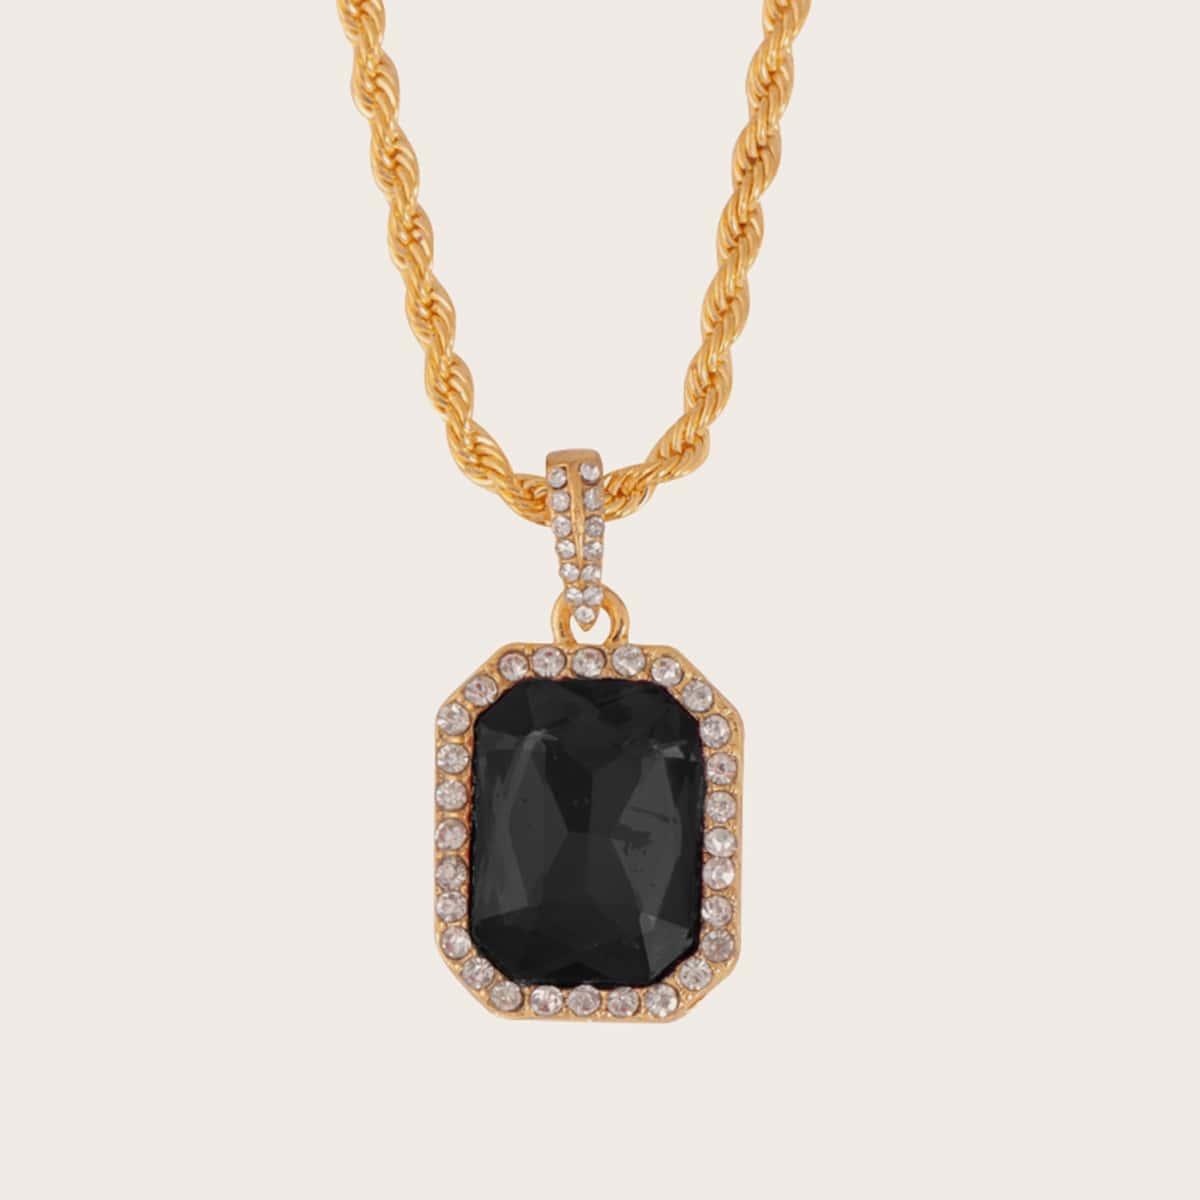 Мужское ожерелье с геометрической подвеской и стразами 1шт от SHEIN